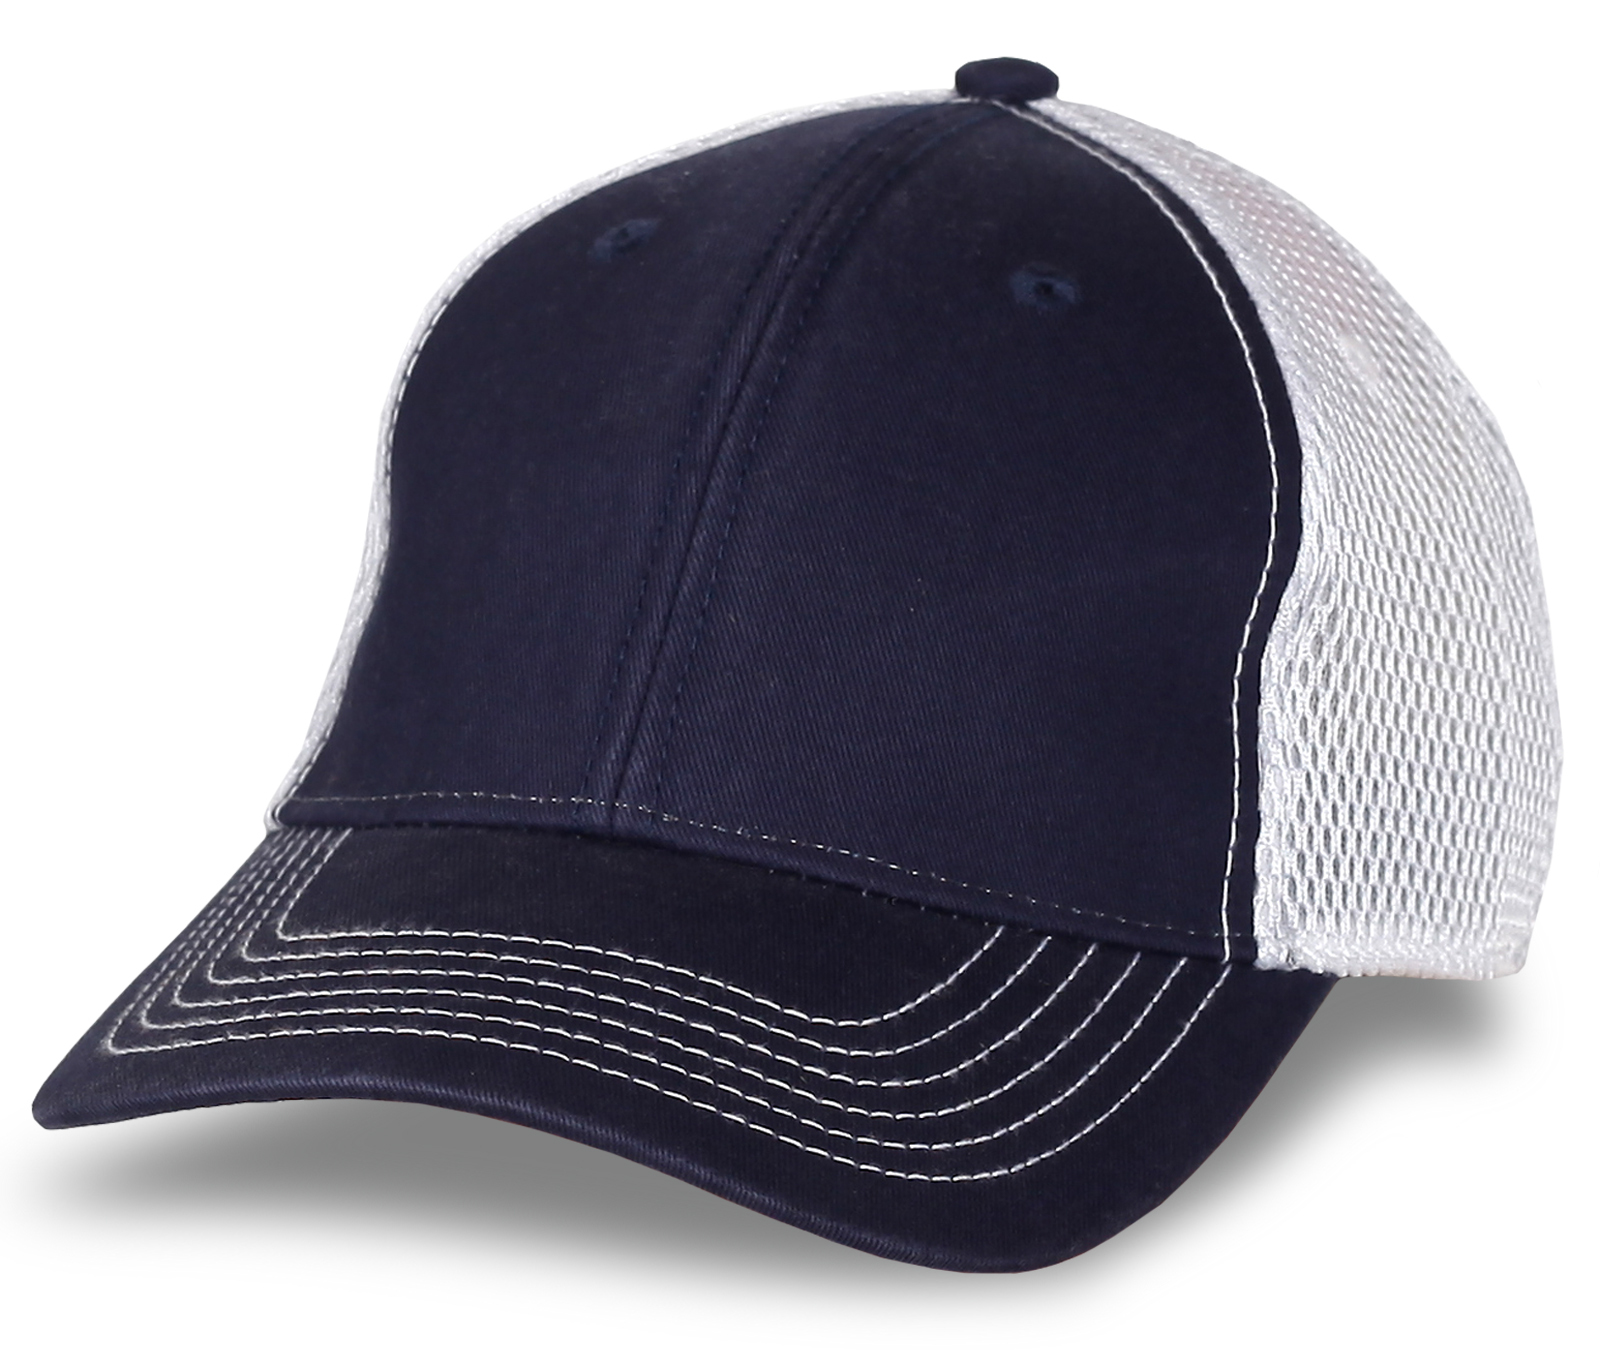 Заказать пустые кепки для печати логотипов